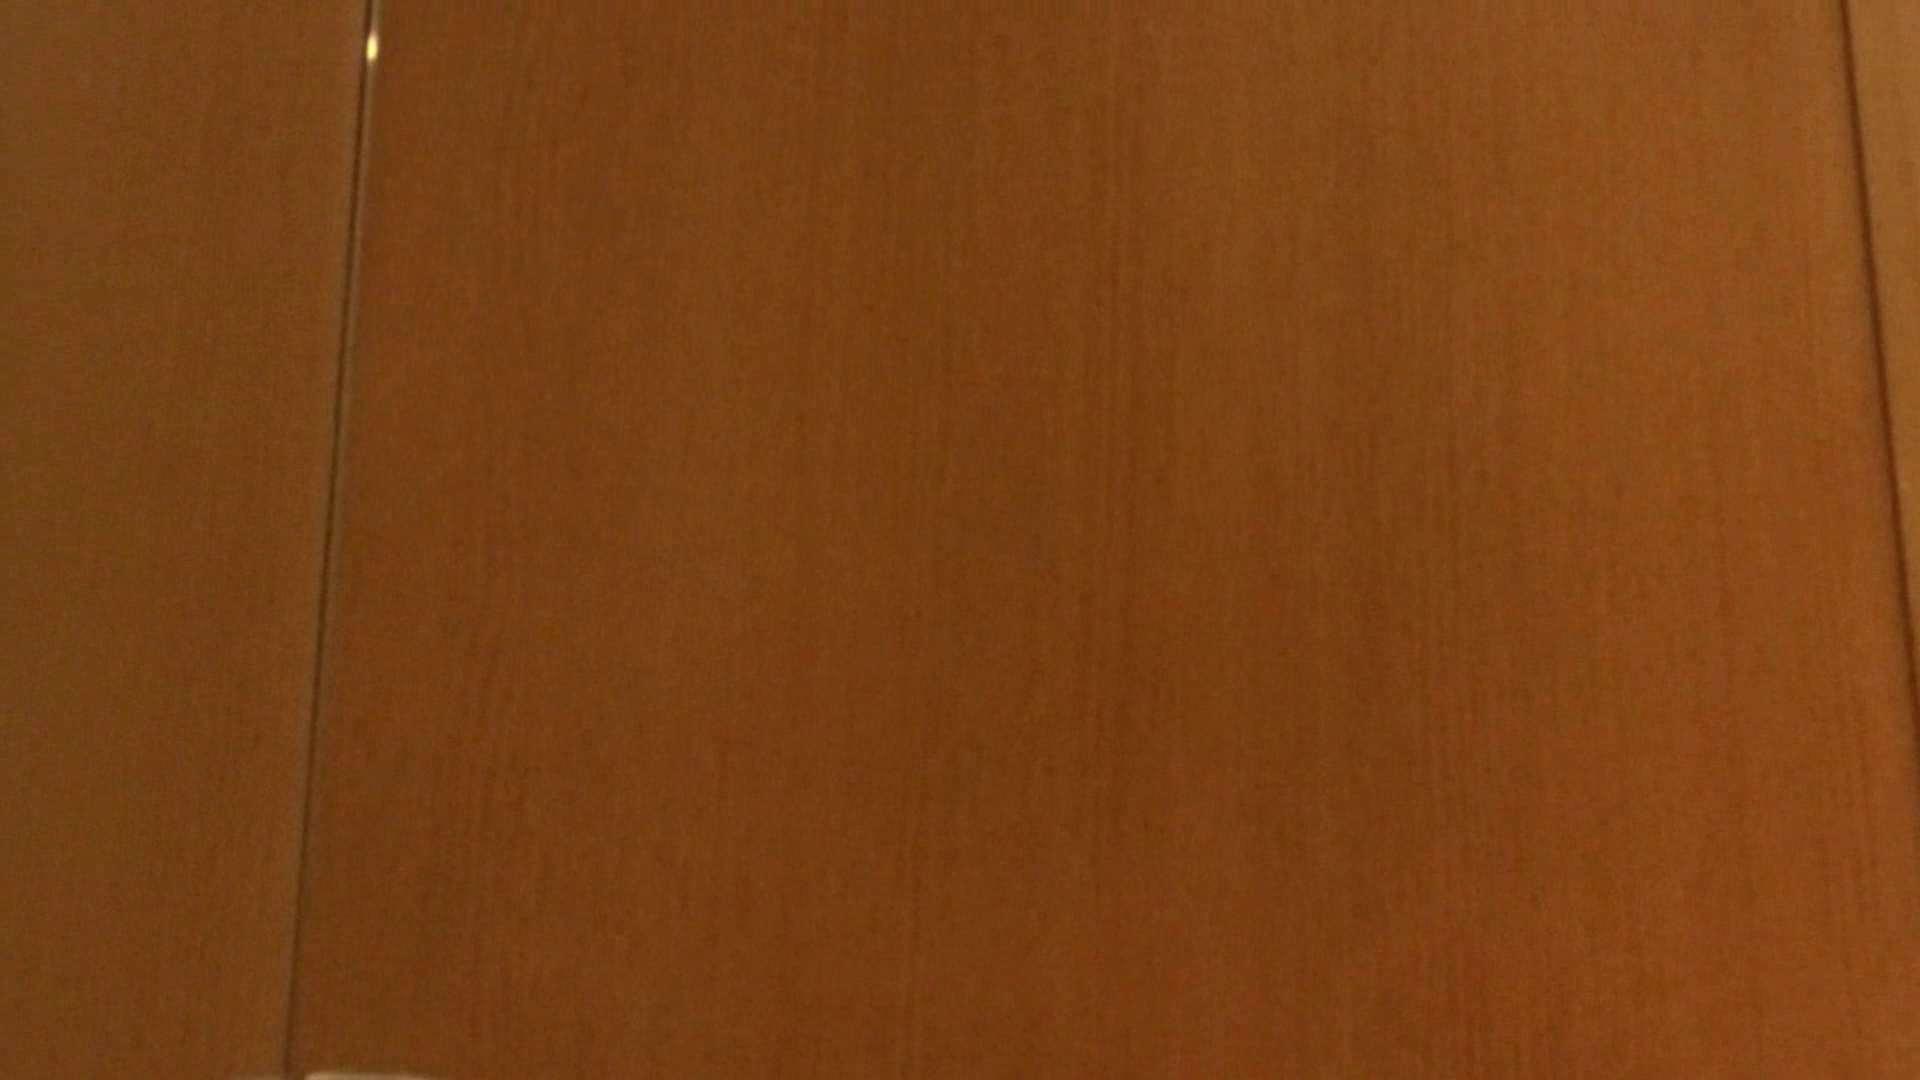 「噂」の国の厠観察日記2 Vol.08 いやらしいOL すけべAV動画紹介 80連発 59